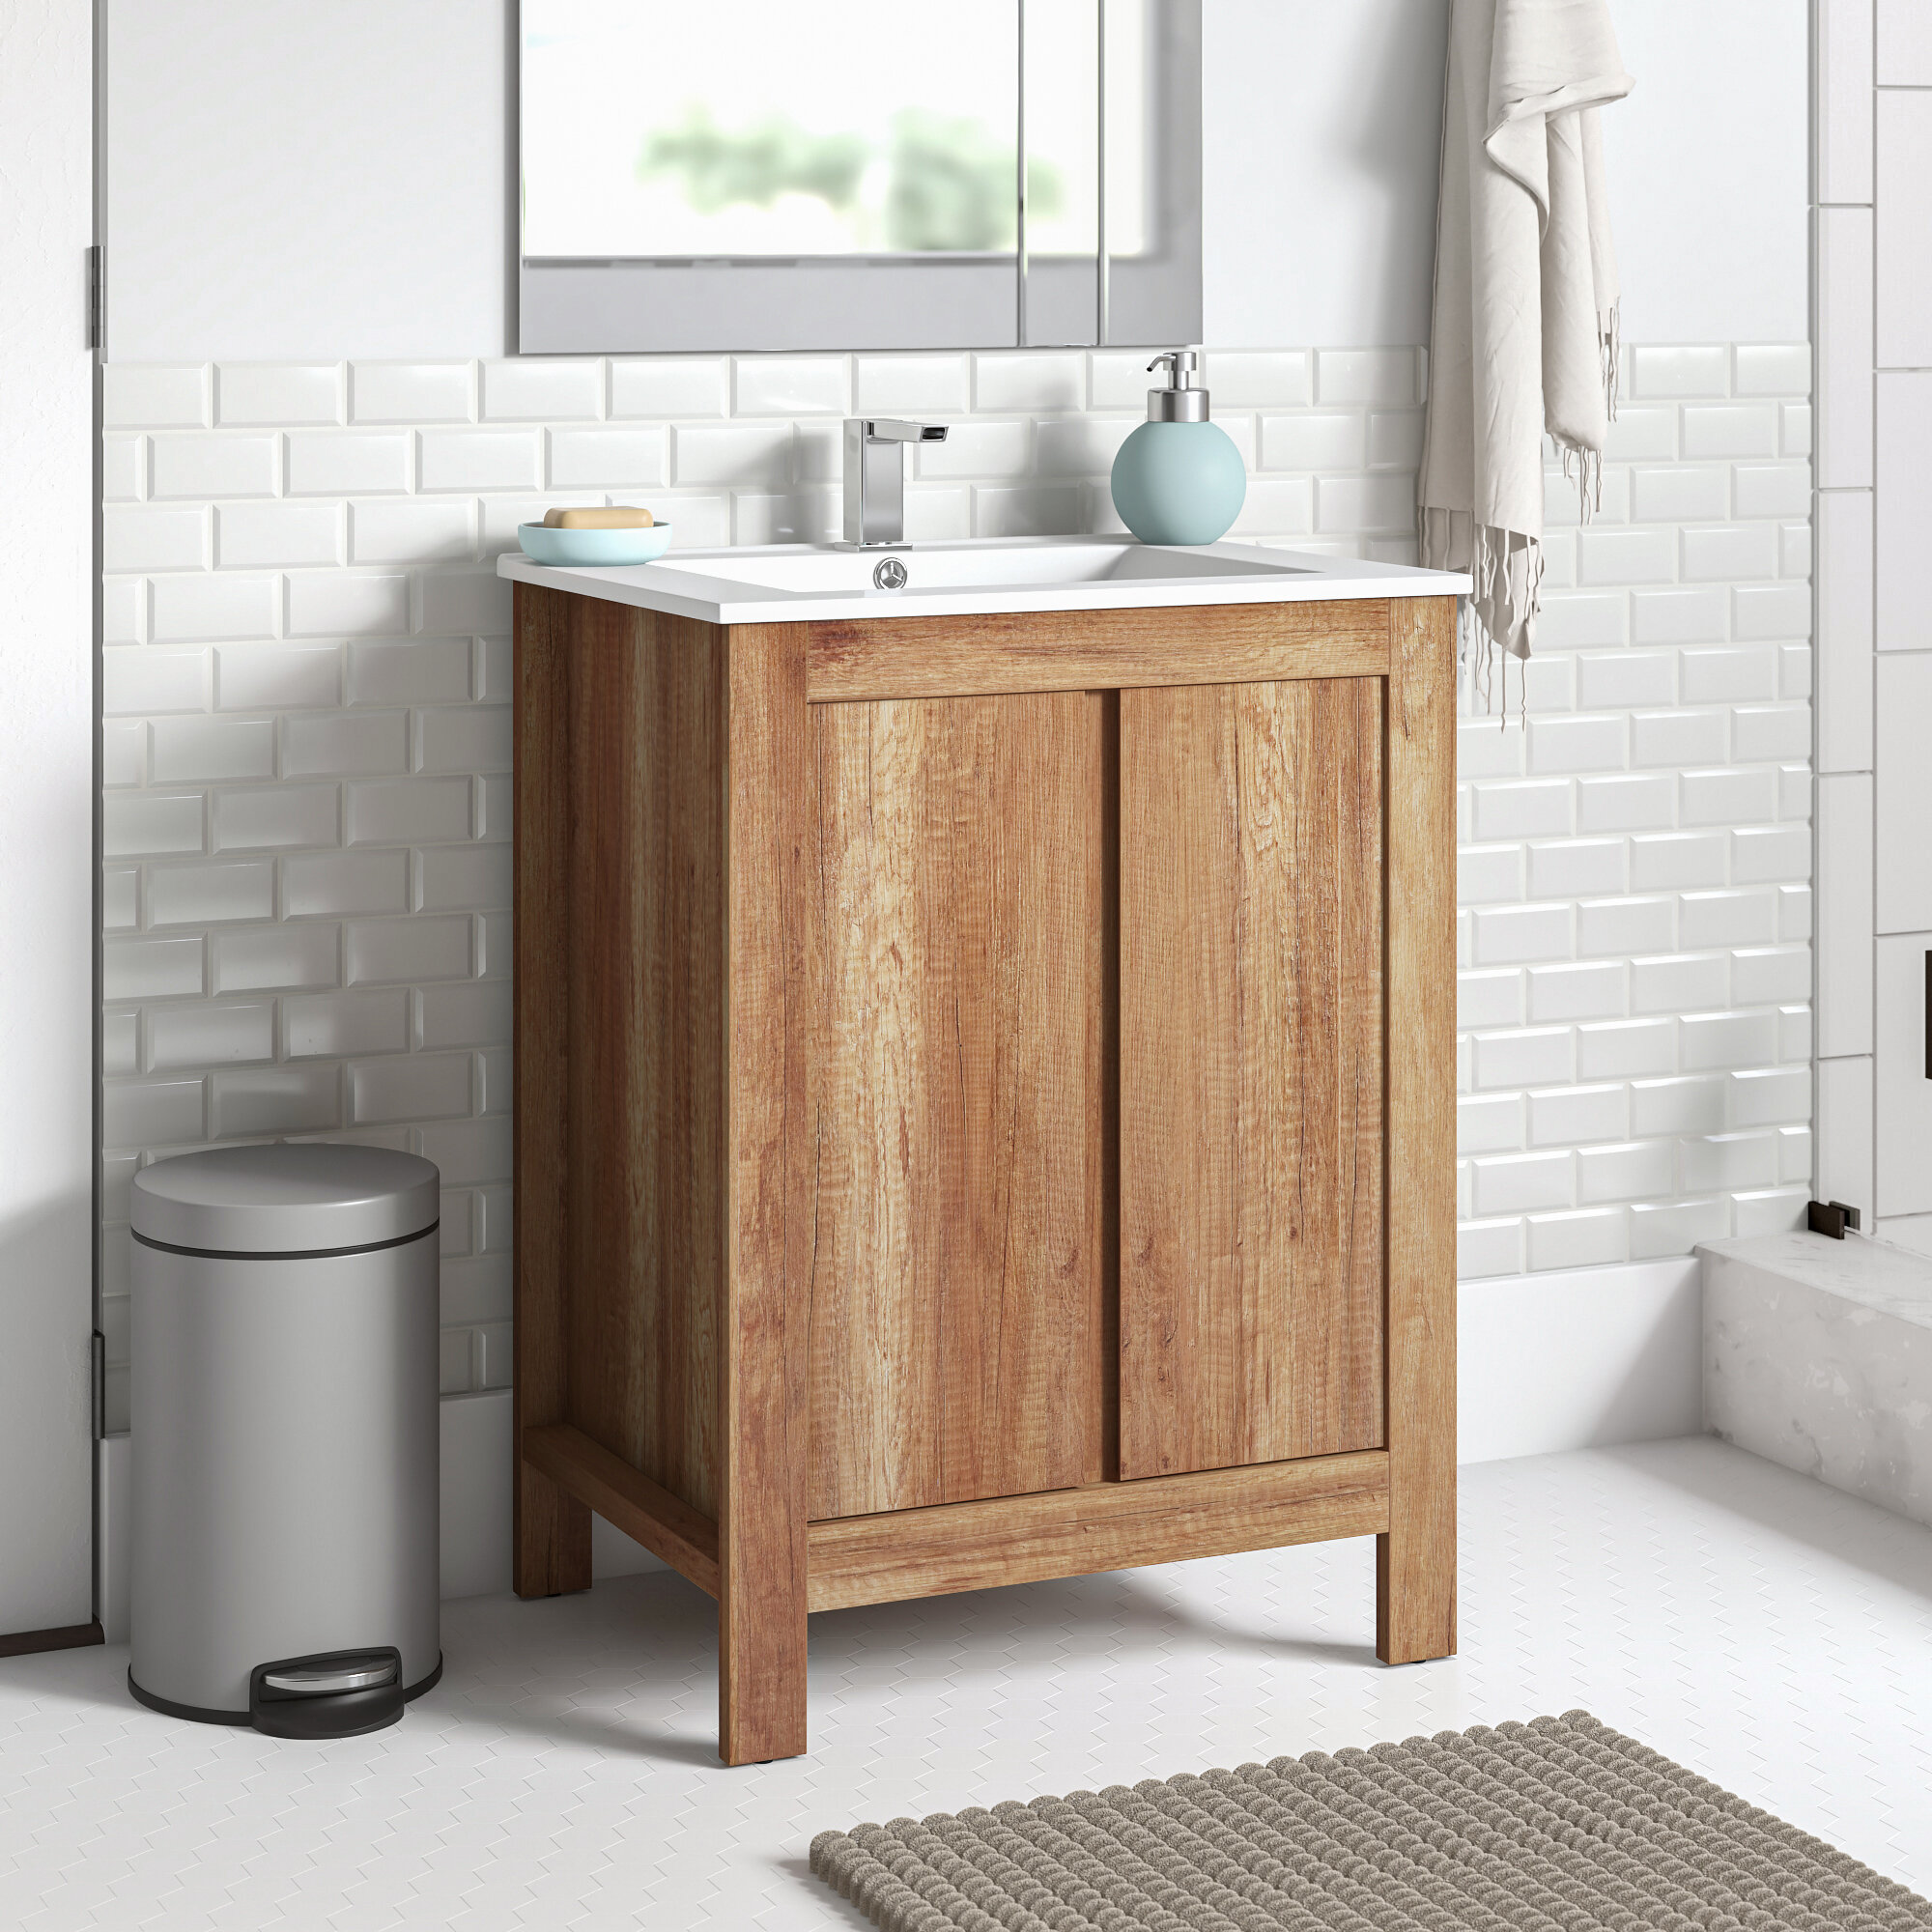 Zipcode Design Casandra 600mm Free Standing Vanity Unit Reviews Wayfair Co Uk